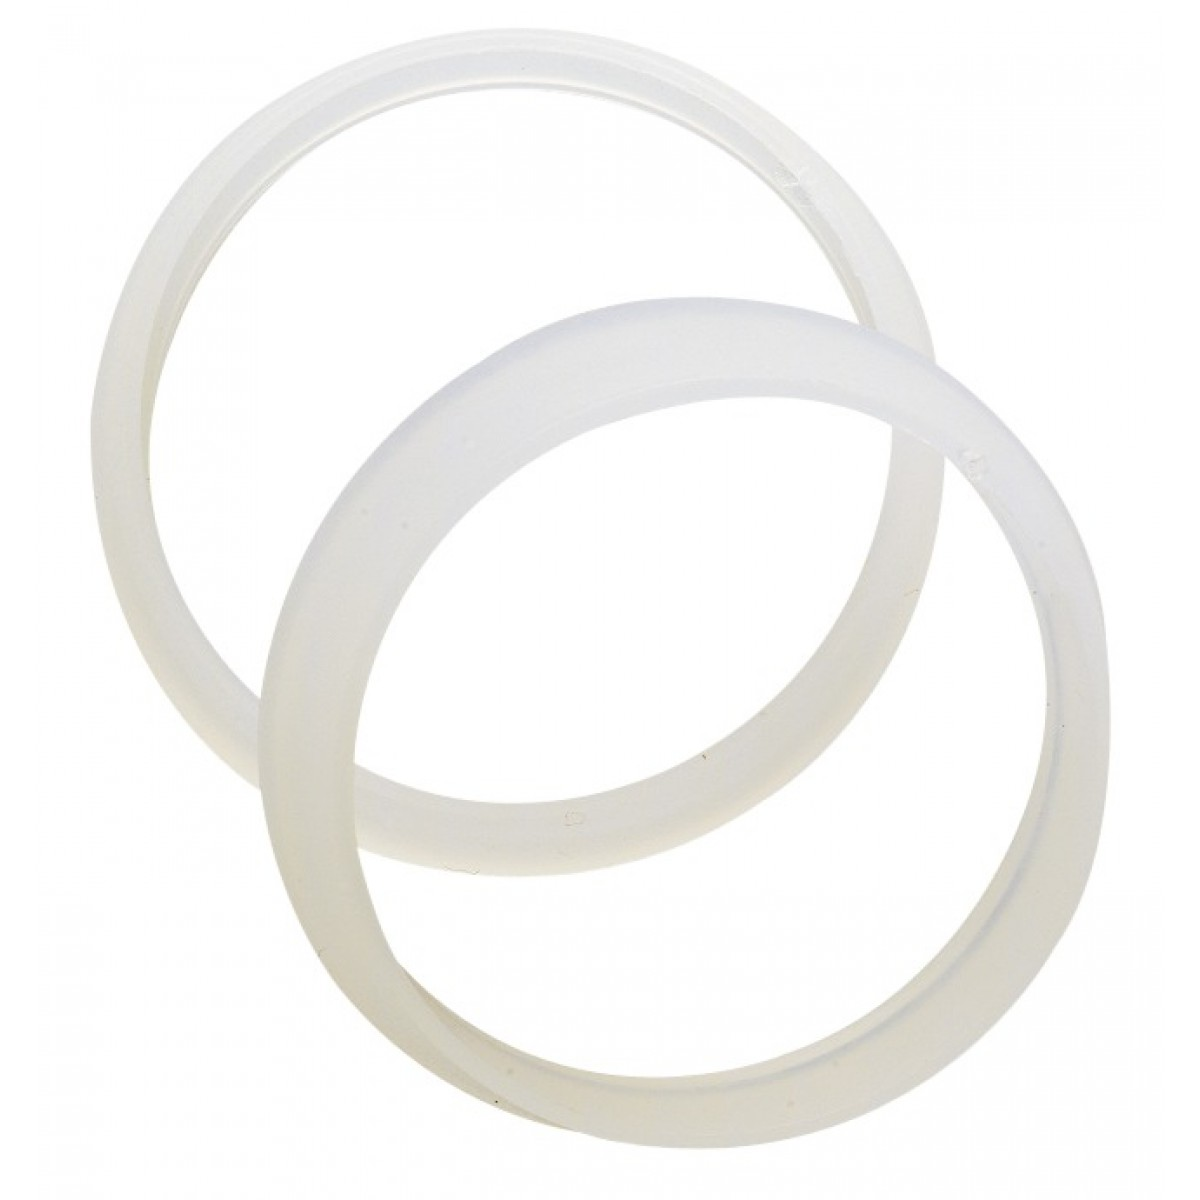 Joint conique pour tuyau Gripp - Diamètre 32 mm - Vendu par 3